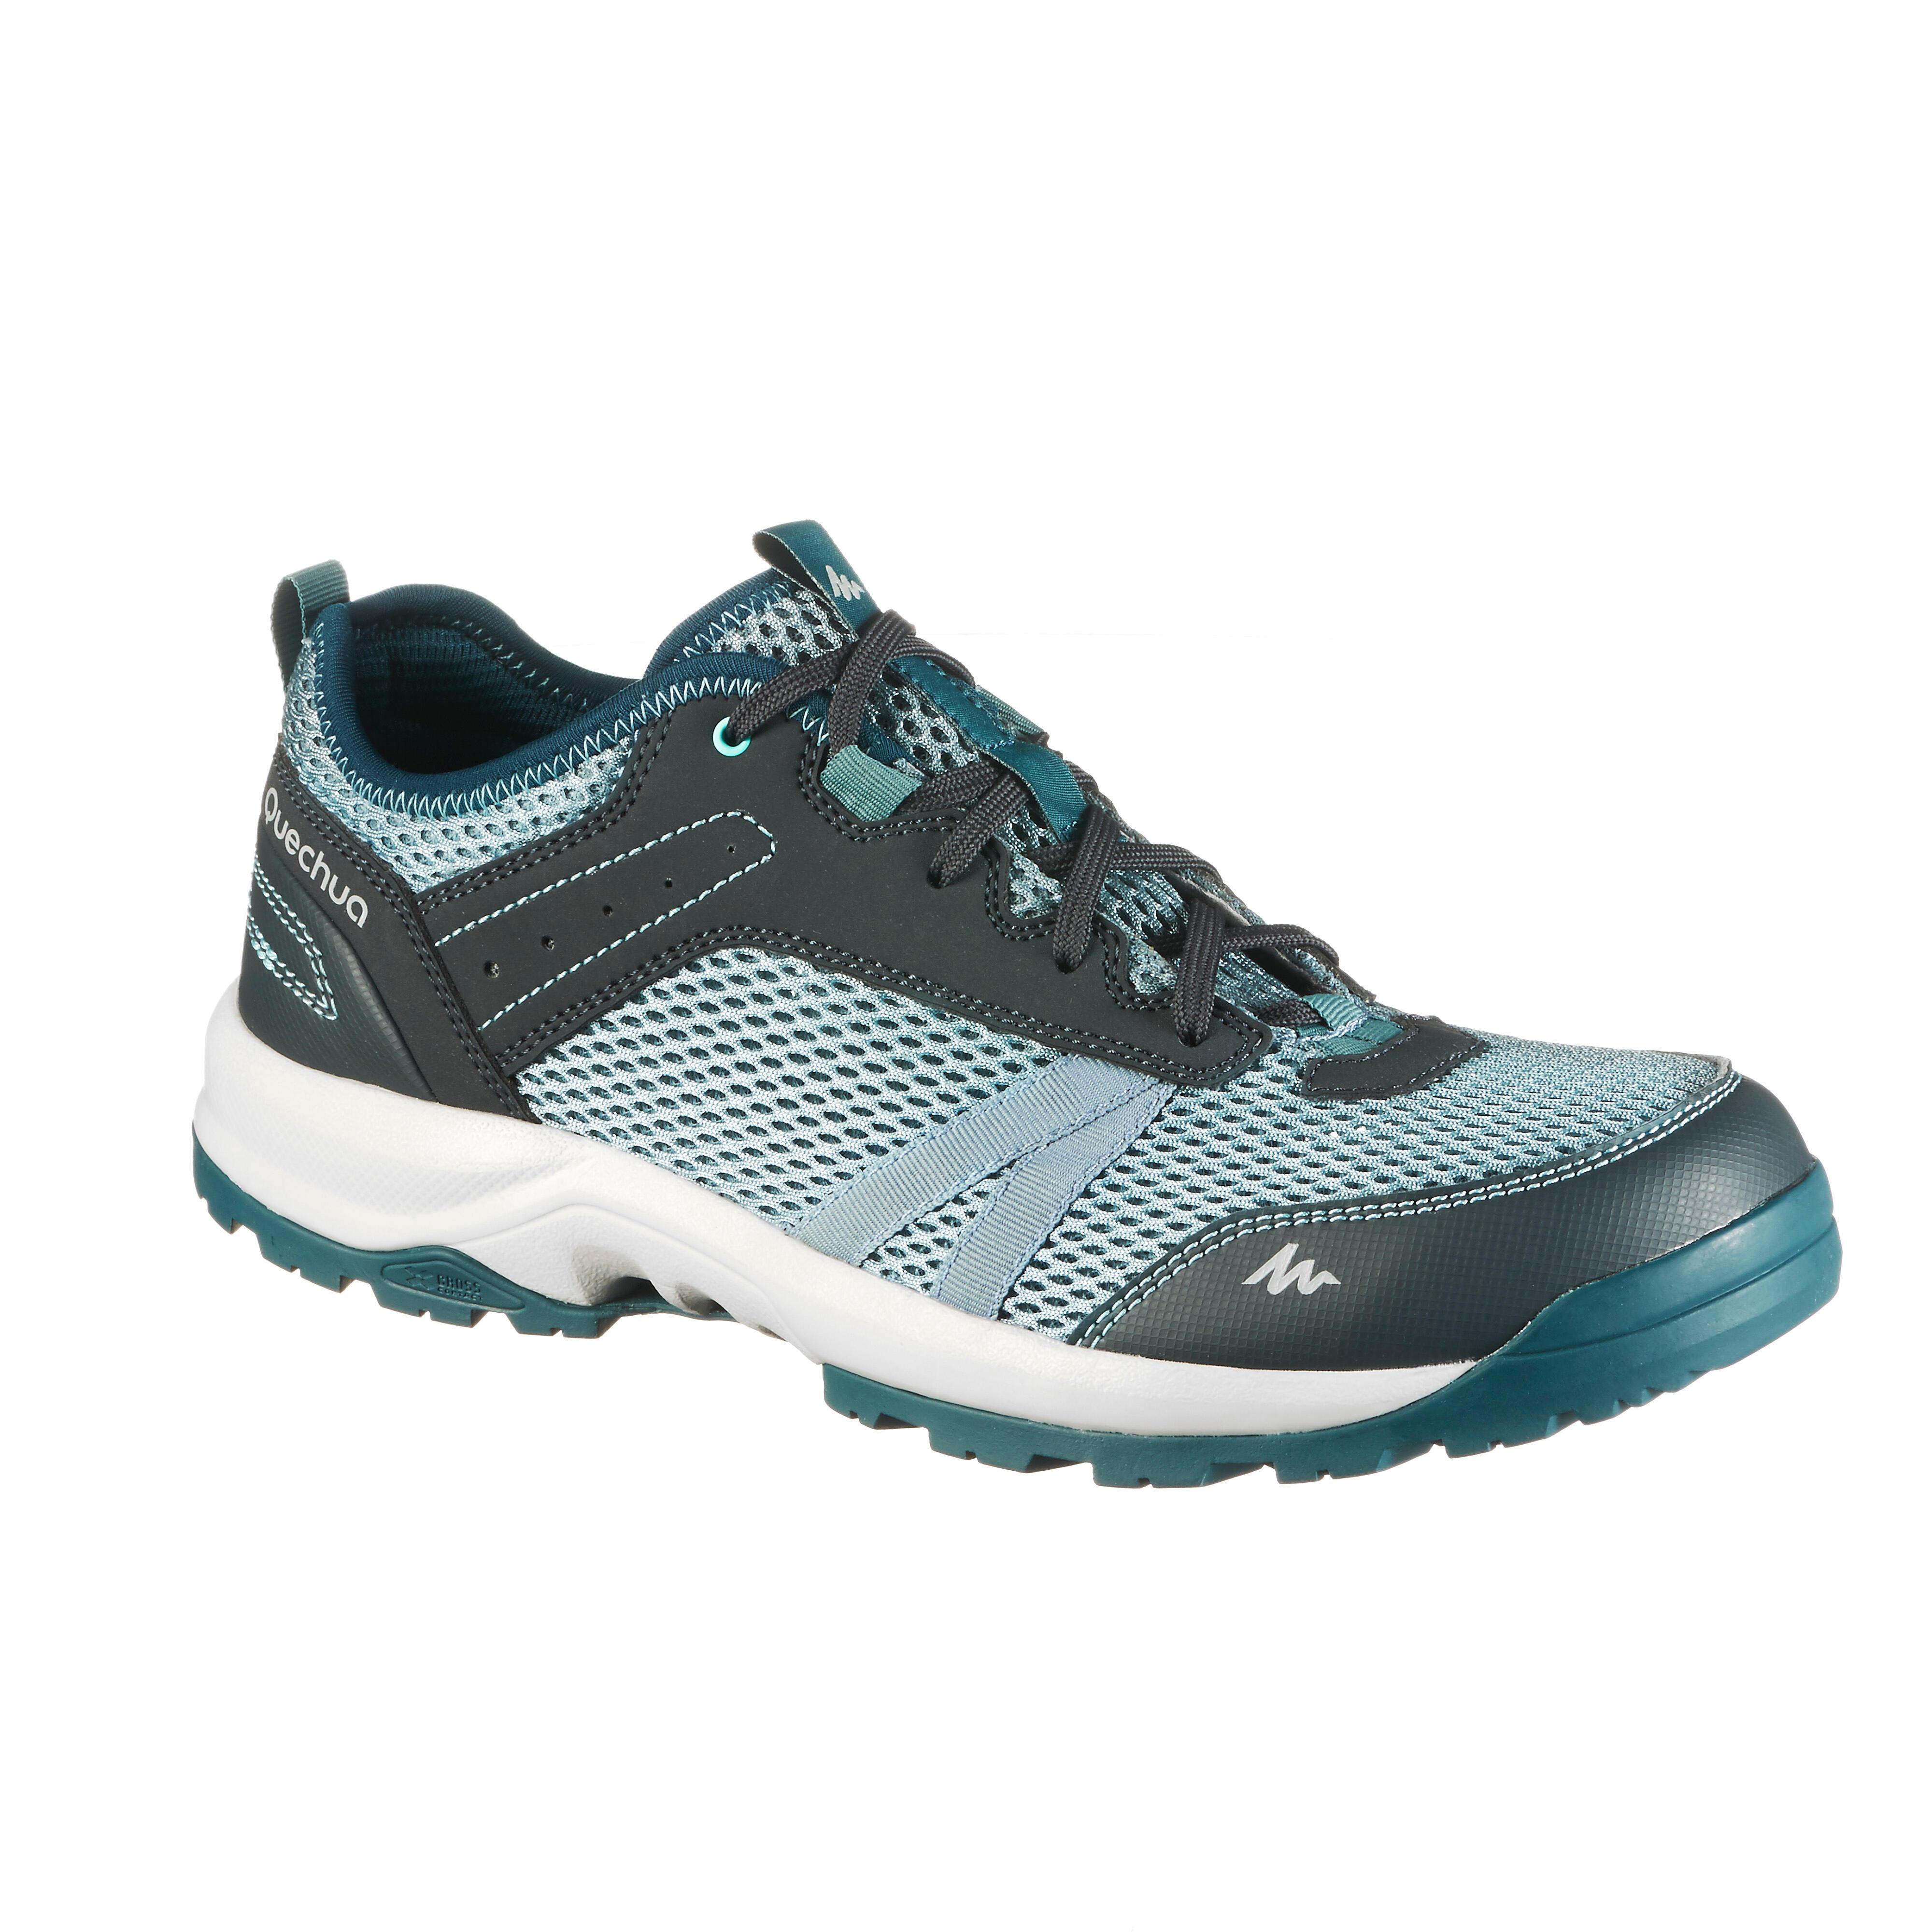 Quechua Schoenen voor wandelen in de natuur NH100 Fresh grijs blauw heren